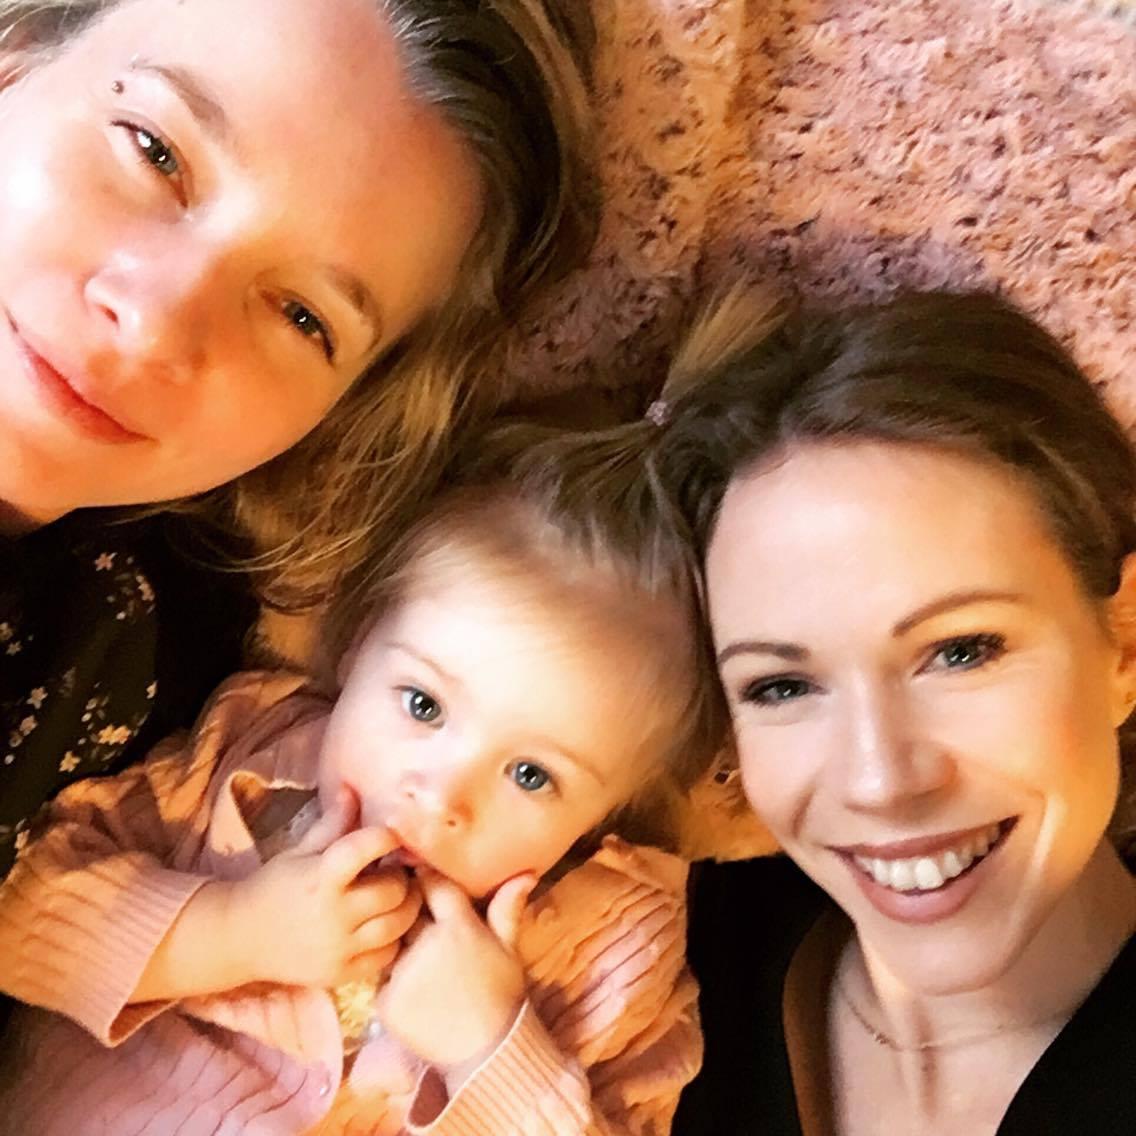 Kari lesbische moeder dochter vragen